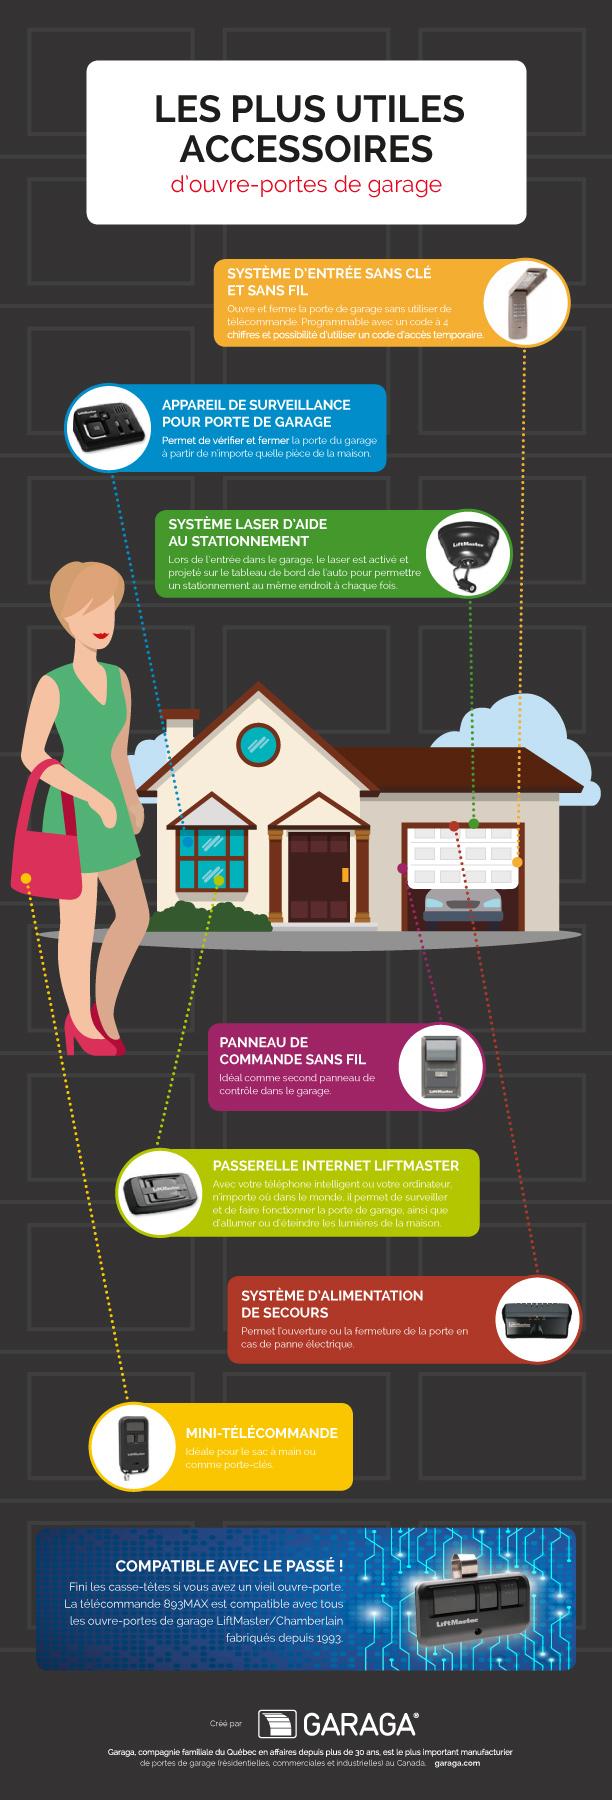 Les plus utiles accessoires d ouvre portes de garage - Accessoire porte de garage ...